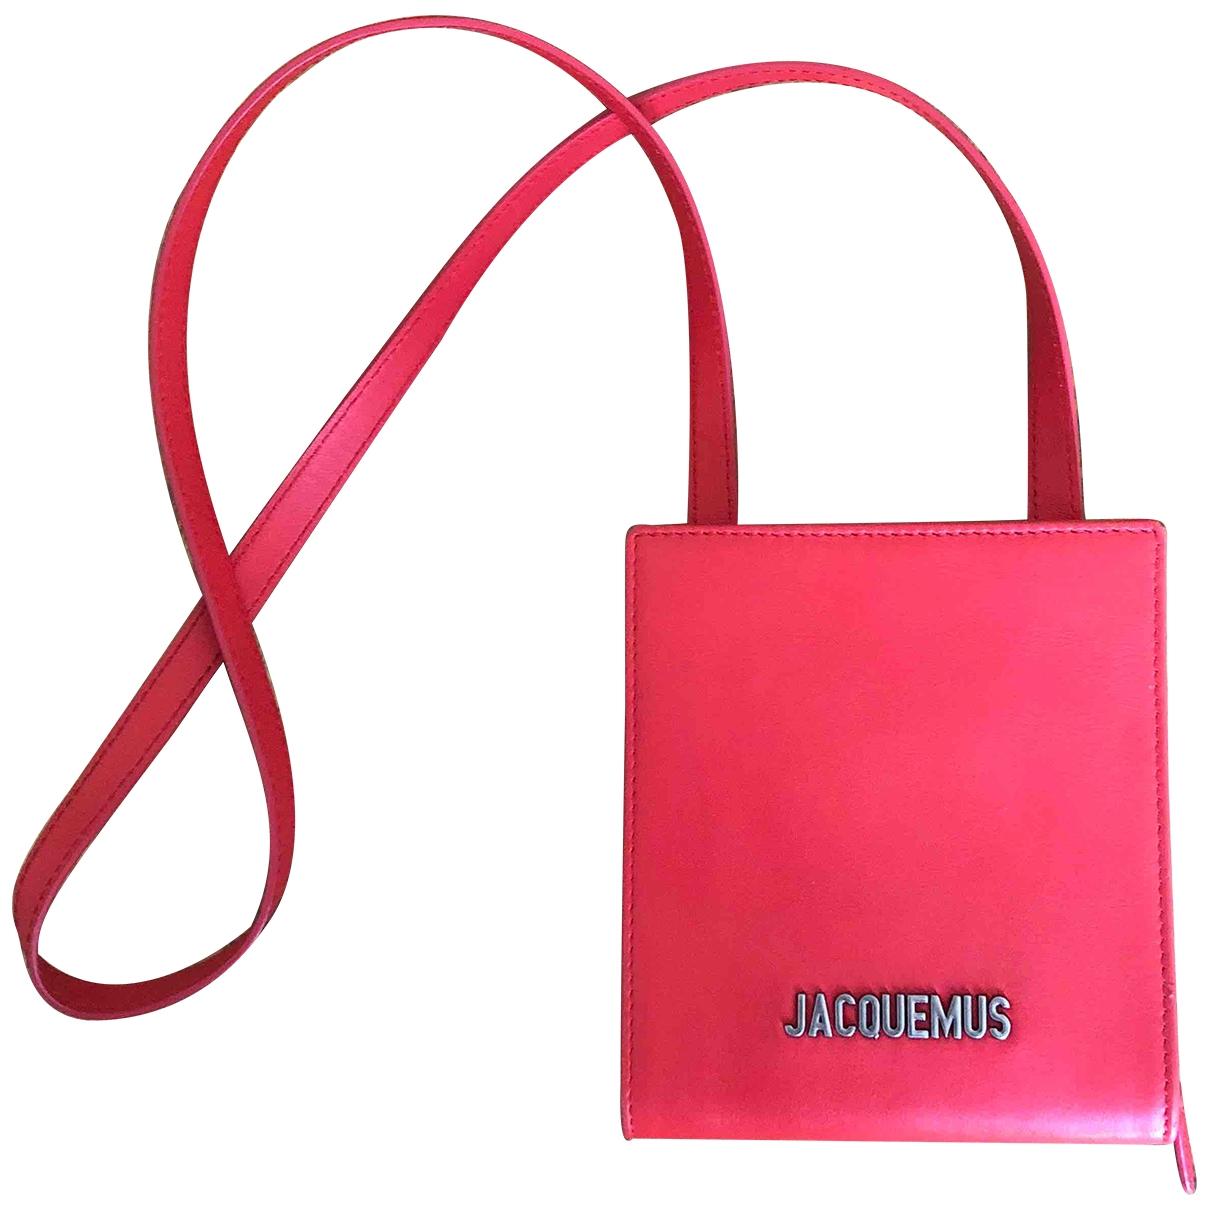 Jacquemus - Petite maroquinerie Le Gadjo pour homme en cuir - rouge